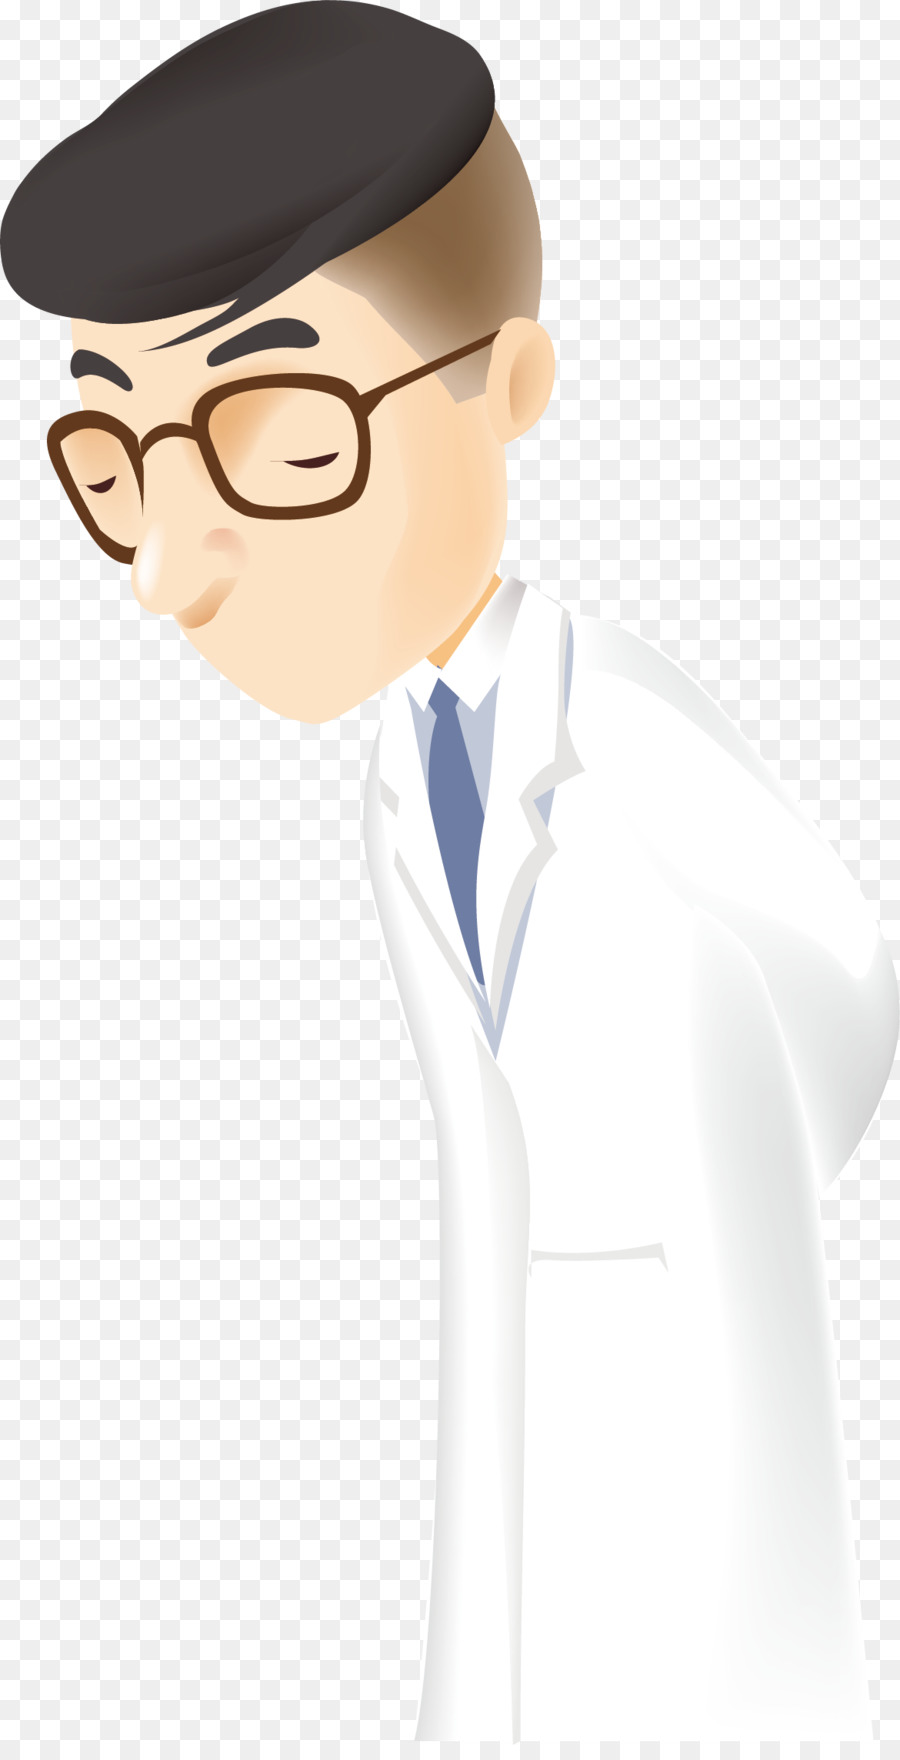 Descarga gratuita de Médico, De Dibujos Animados, Medicina Imágen de Png